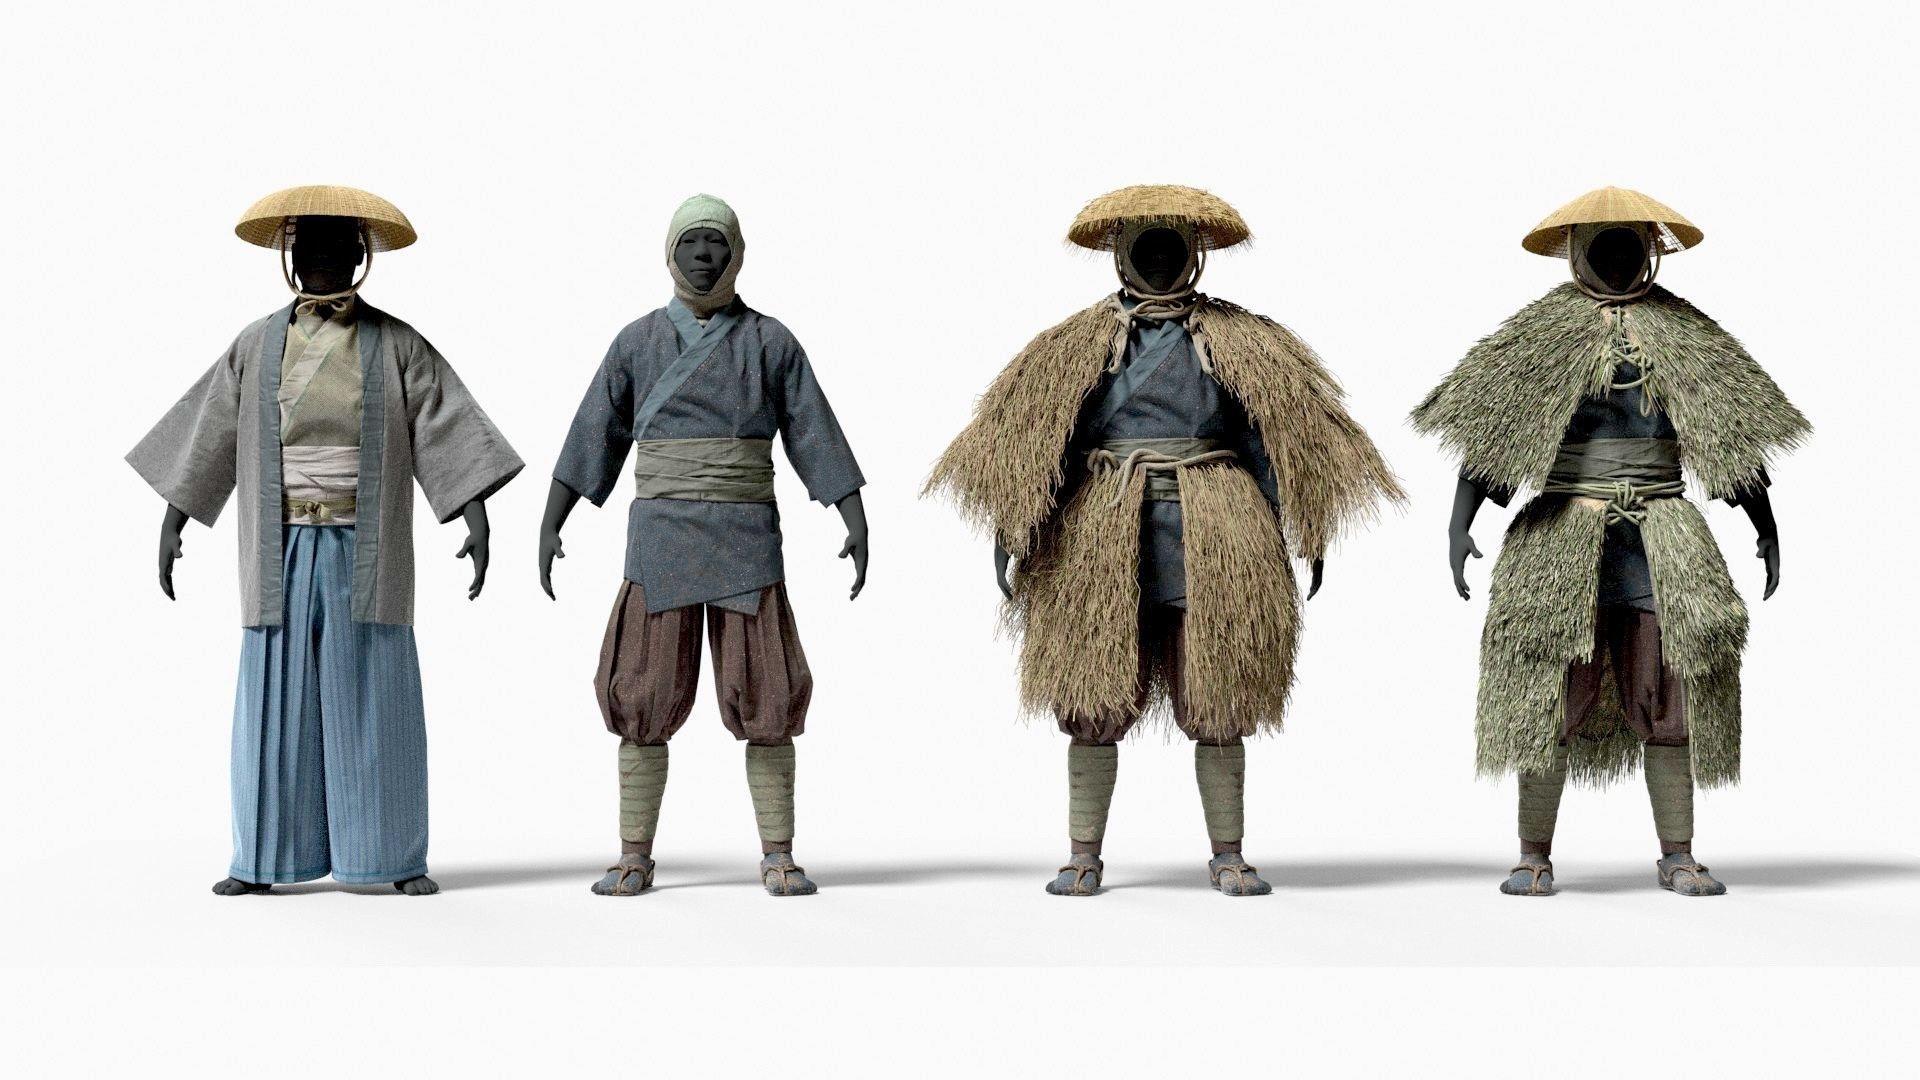 MEDIEVAL Japanese People